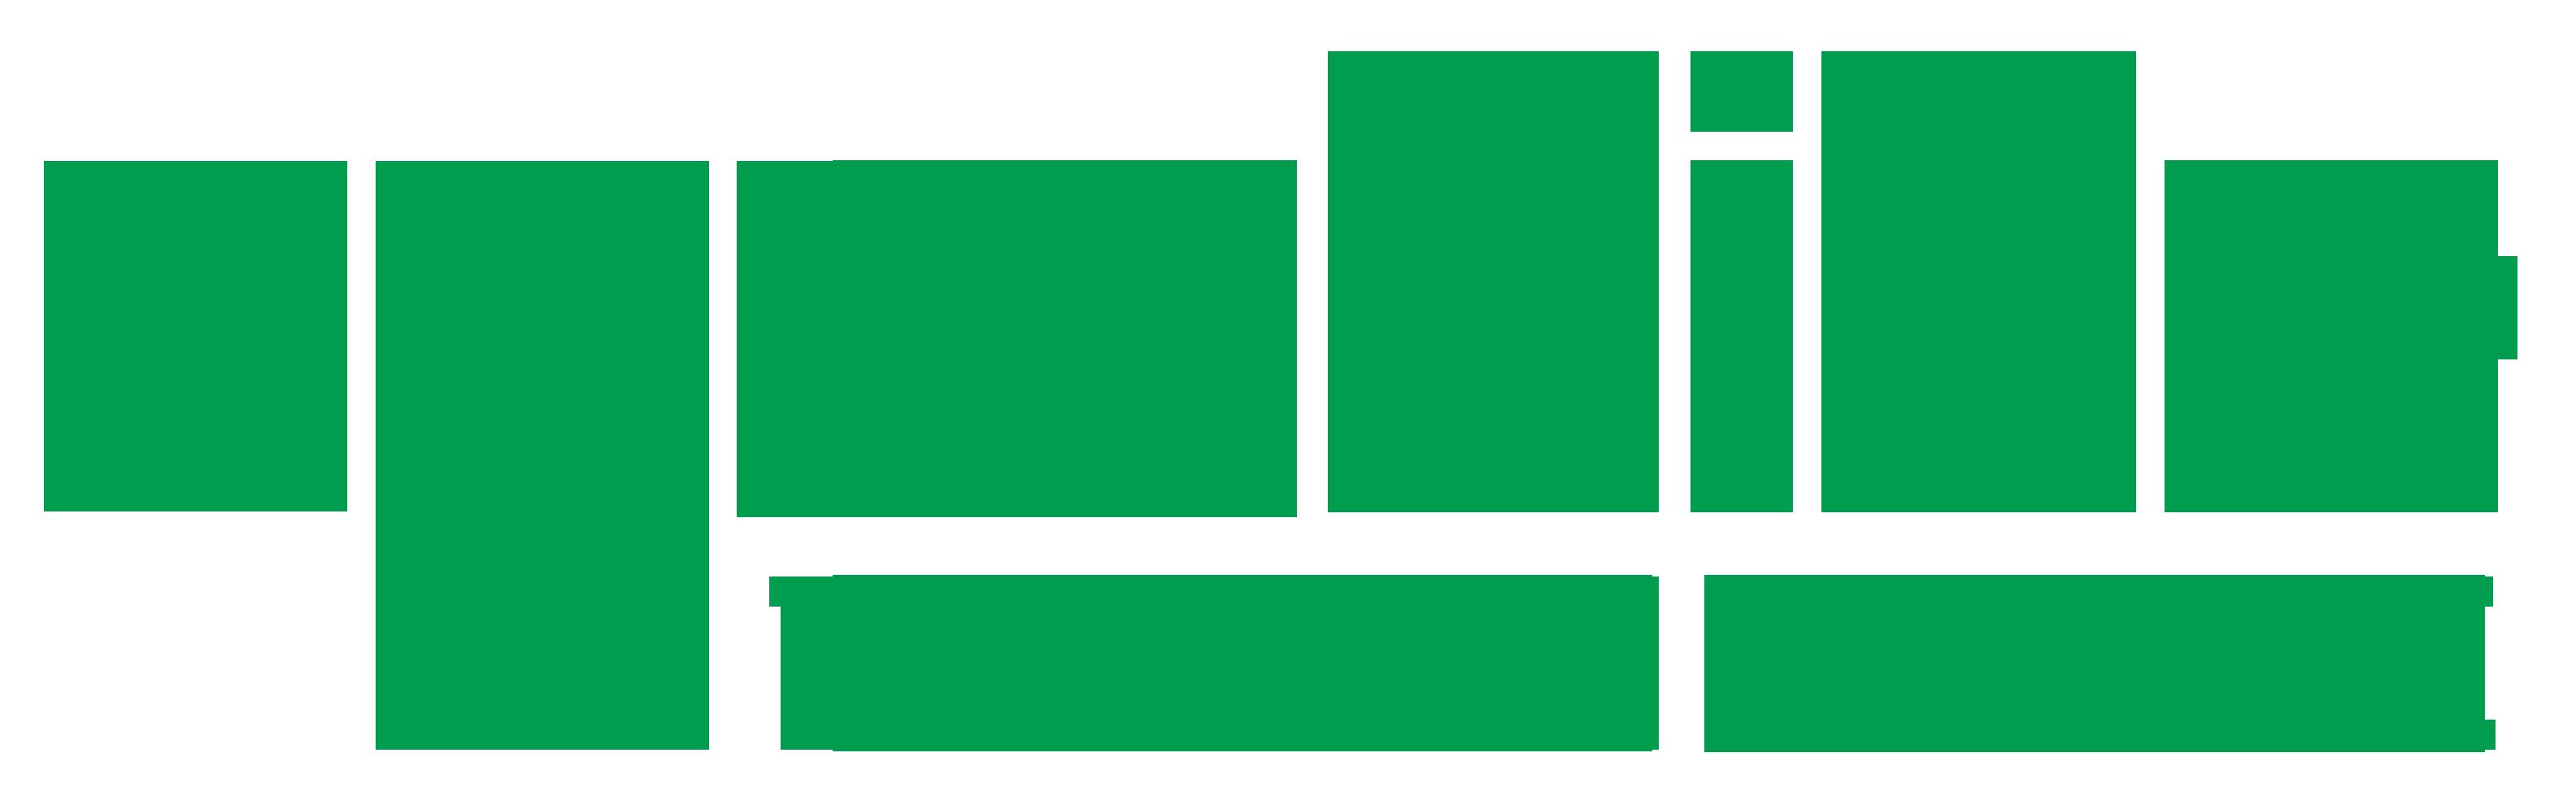 Xywhite